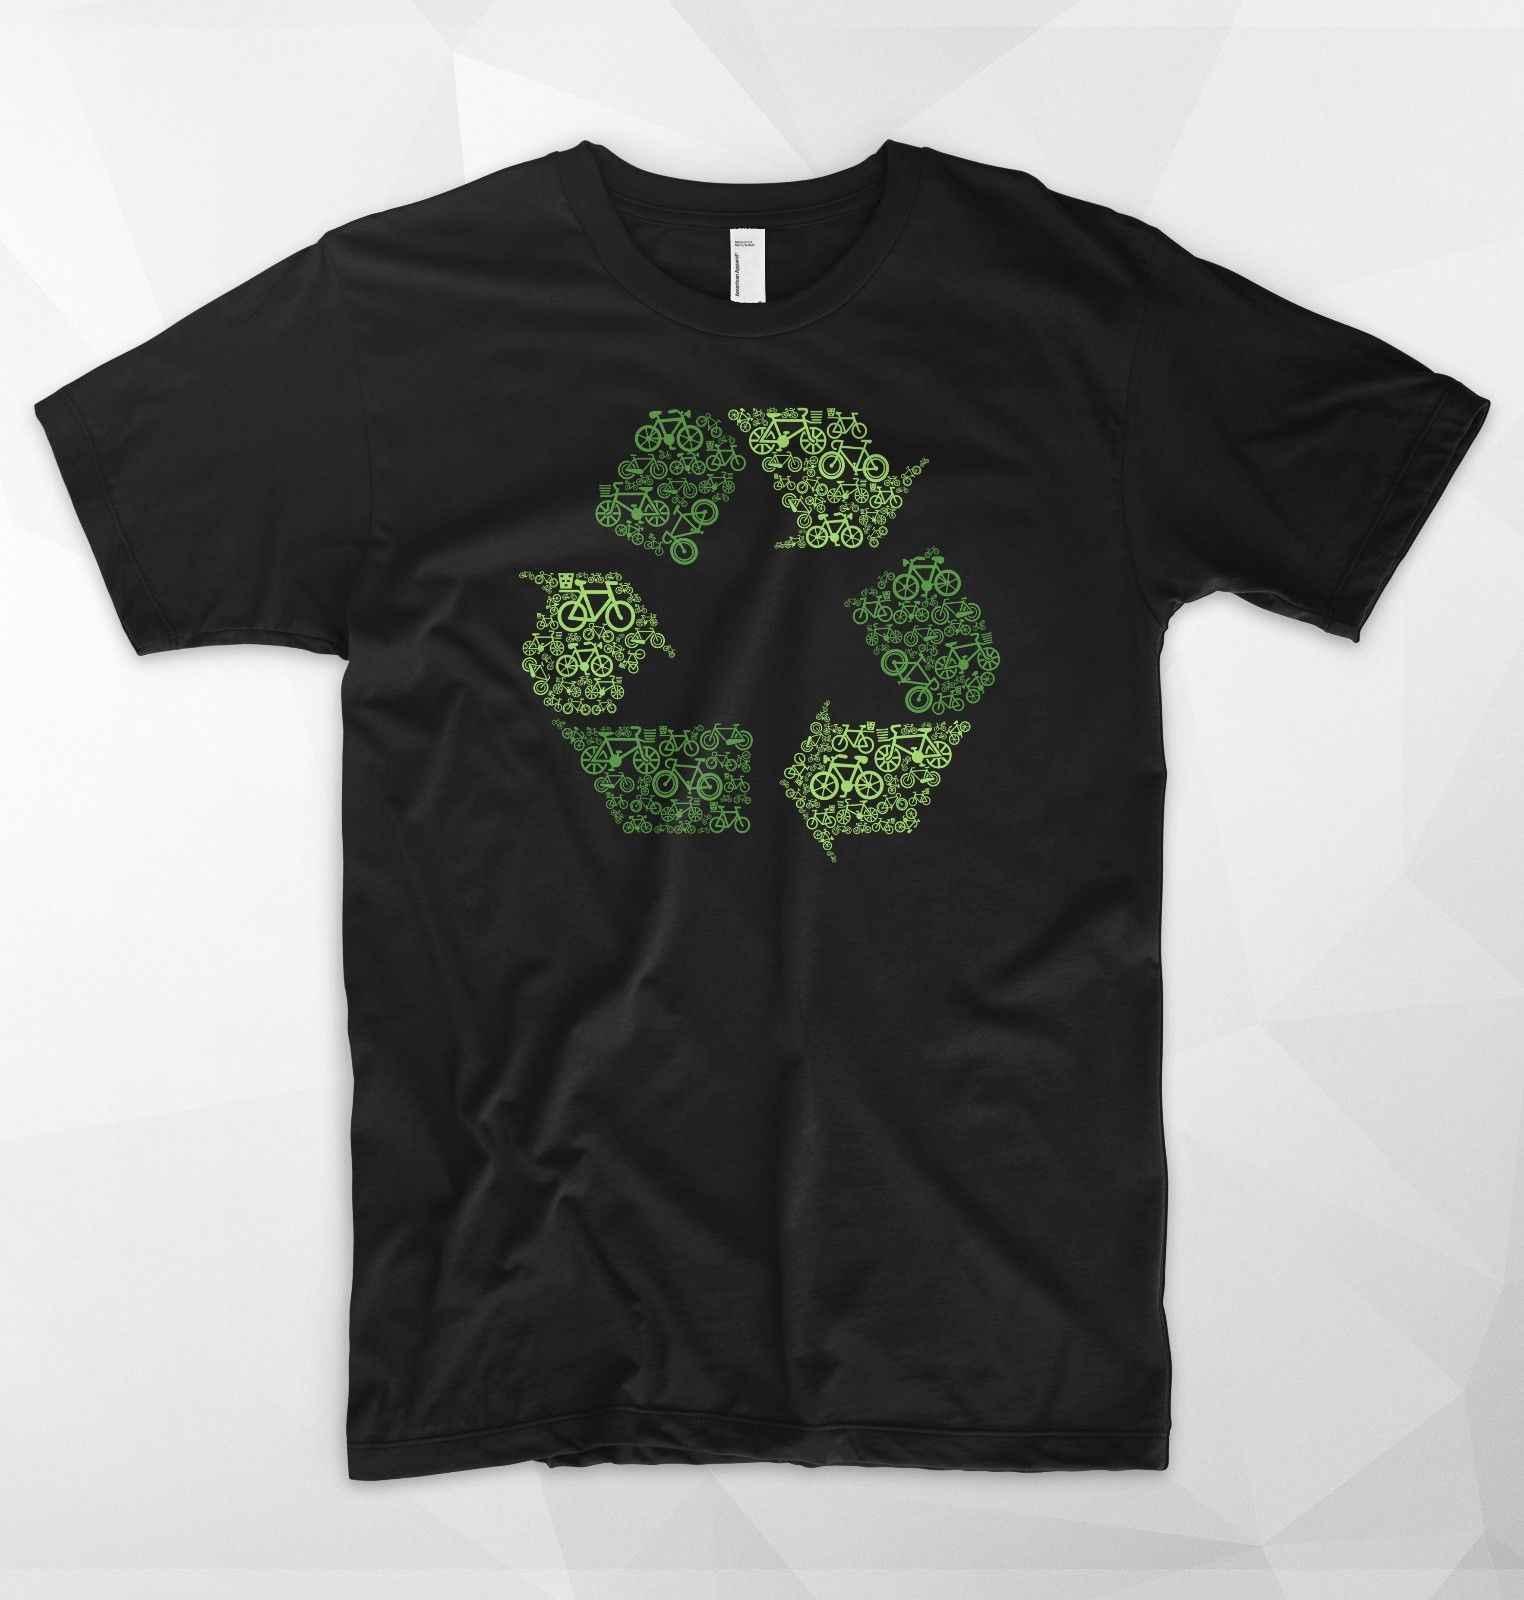 Geri dönüşüm Logosu T Shirt Üst Bisiklet Ekoloji Çevre WWF Greenpeace Vegan Hayvanlar